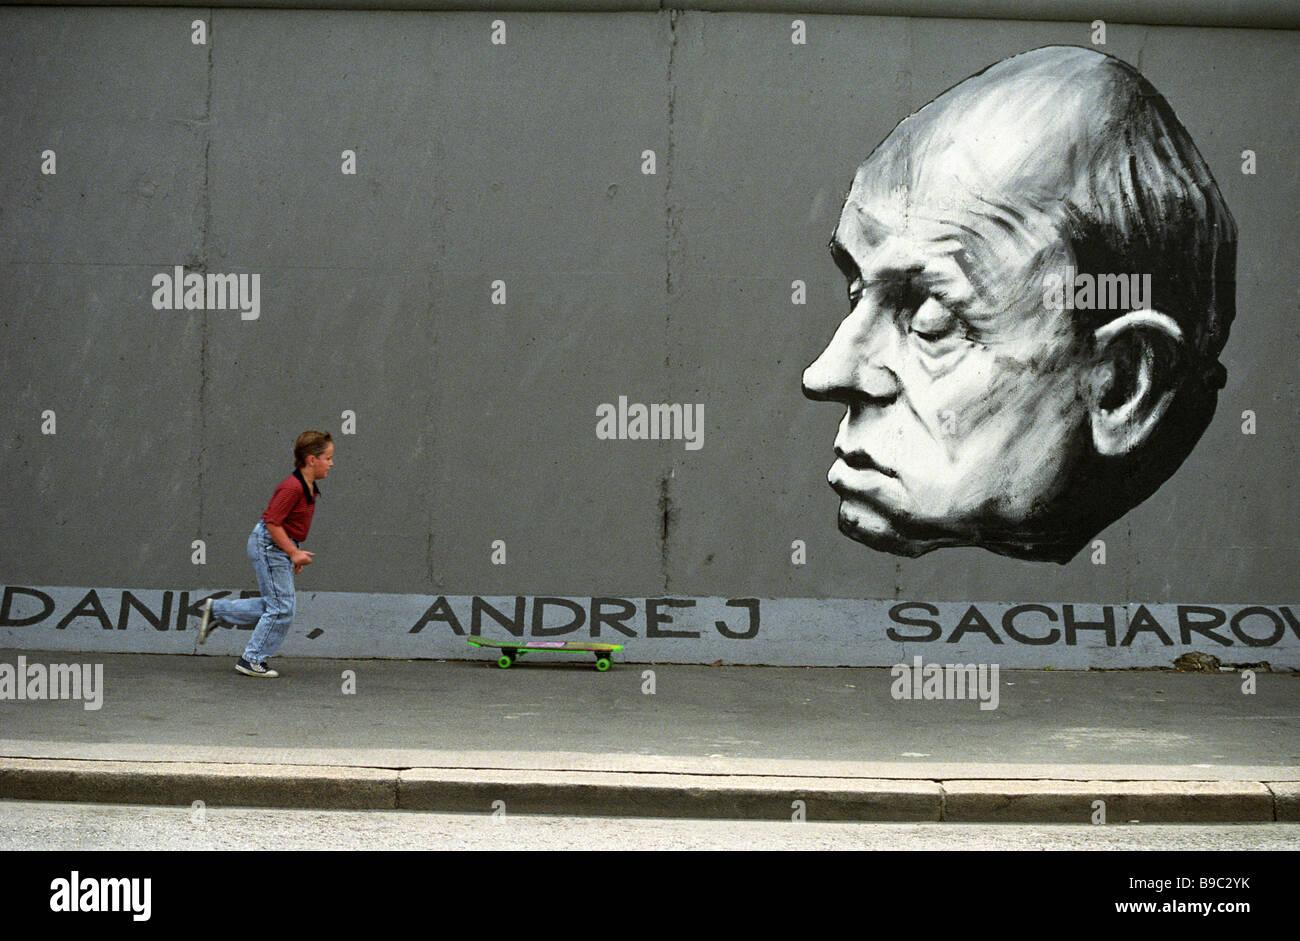 Die politischen Ereignisse des späten 20. Jahrhunderts spiegelt sich auf den verbleibenden Teil der Berliner Stockbild